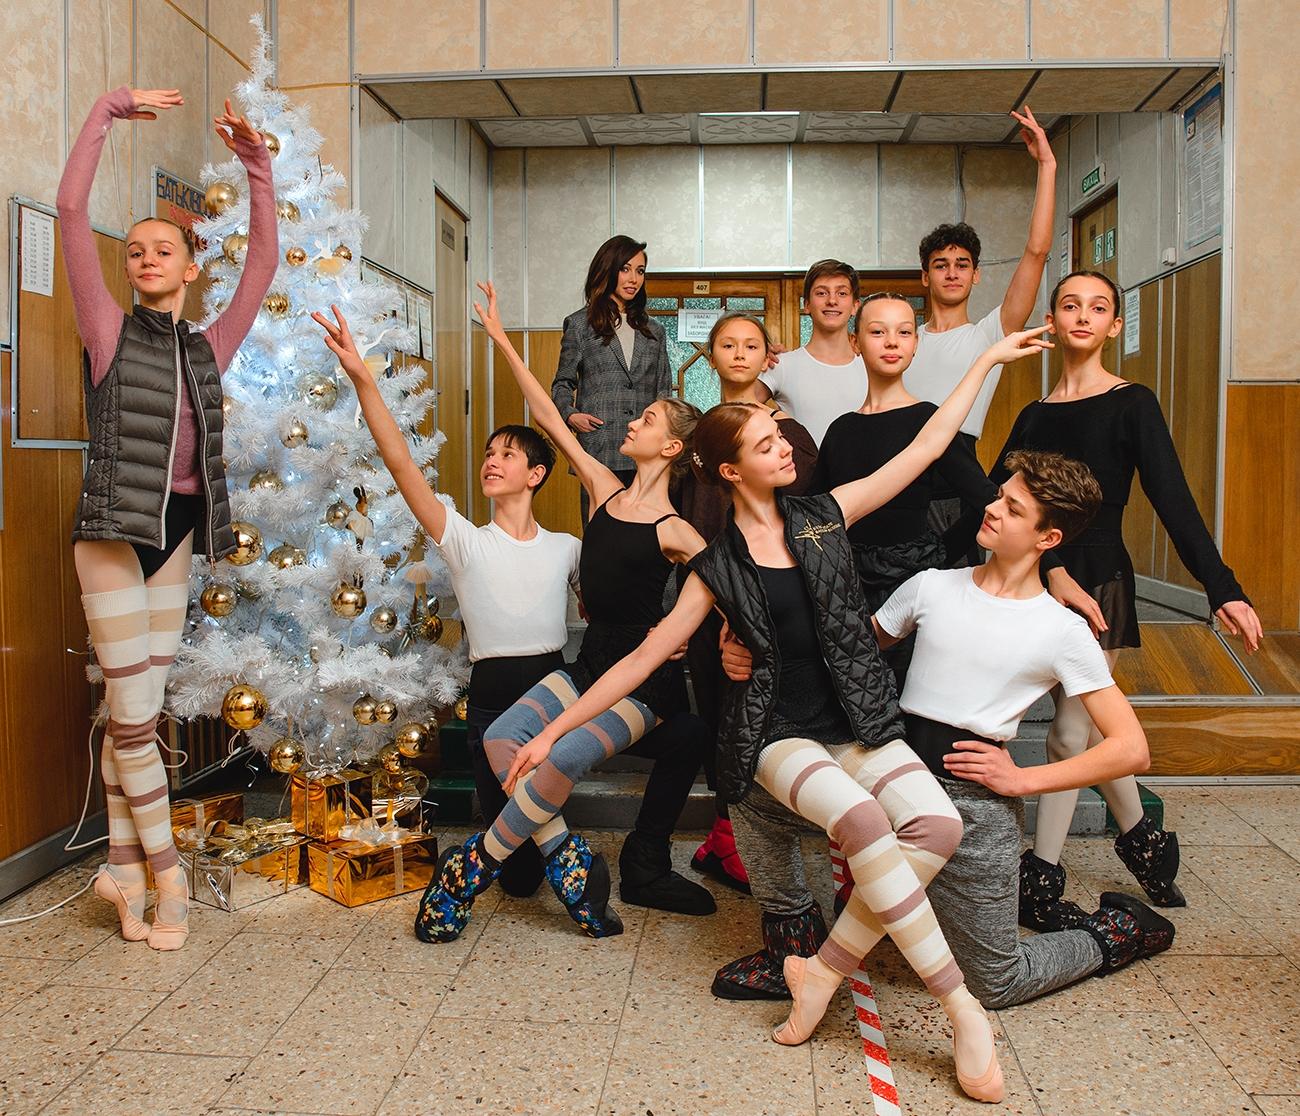 Екатерина Кухар показала первый этап ремонтав Киевском государственном хореографическом училище (ФОТО) - фото №4